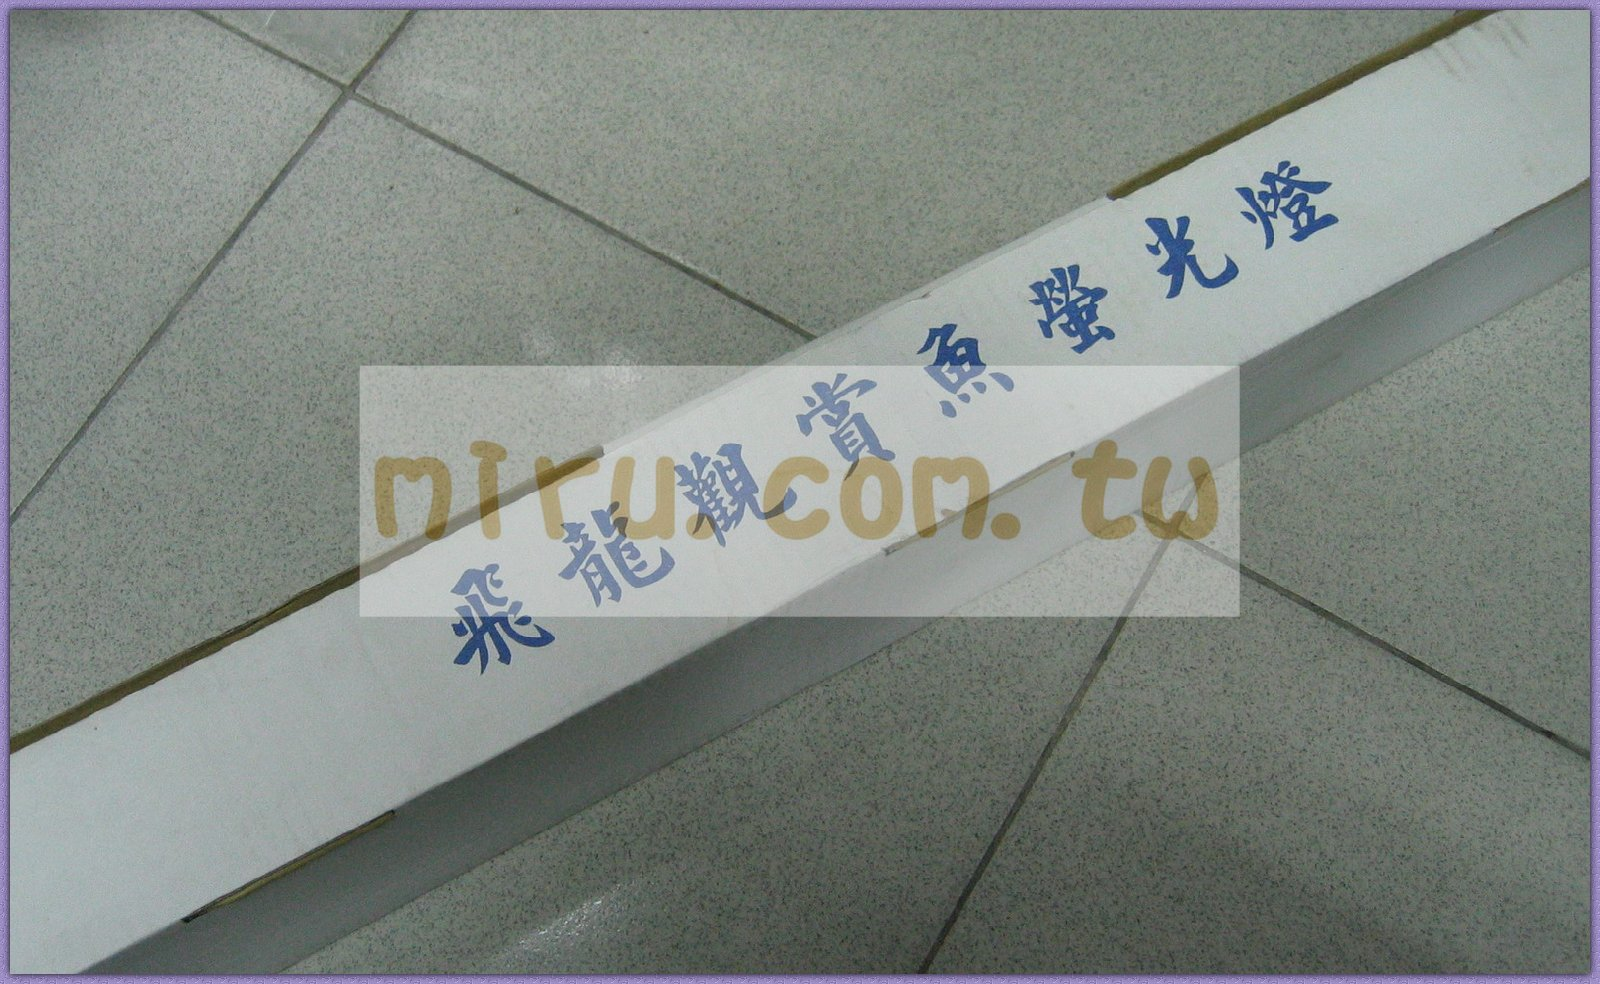 台灣燈飾目錄王 - 全台燈飾目錄暢銷中心,歡慶二十周年!當季十萬款設計師燈飾燈具 …圖